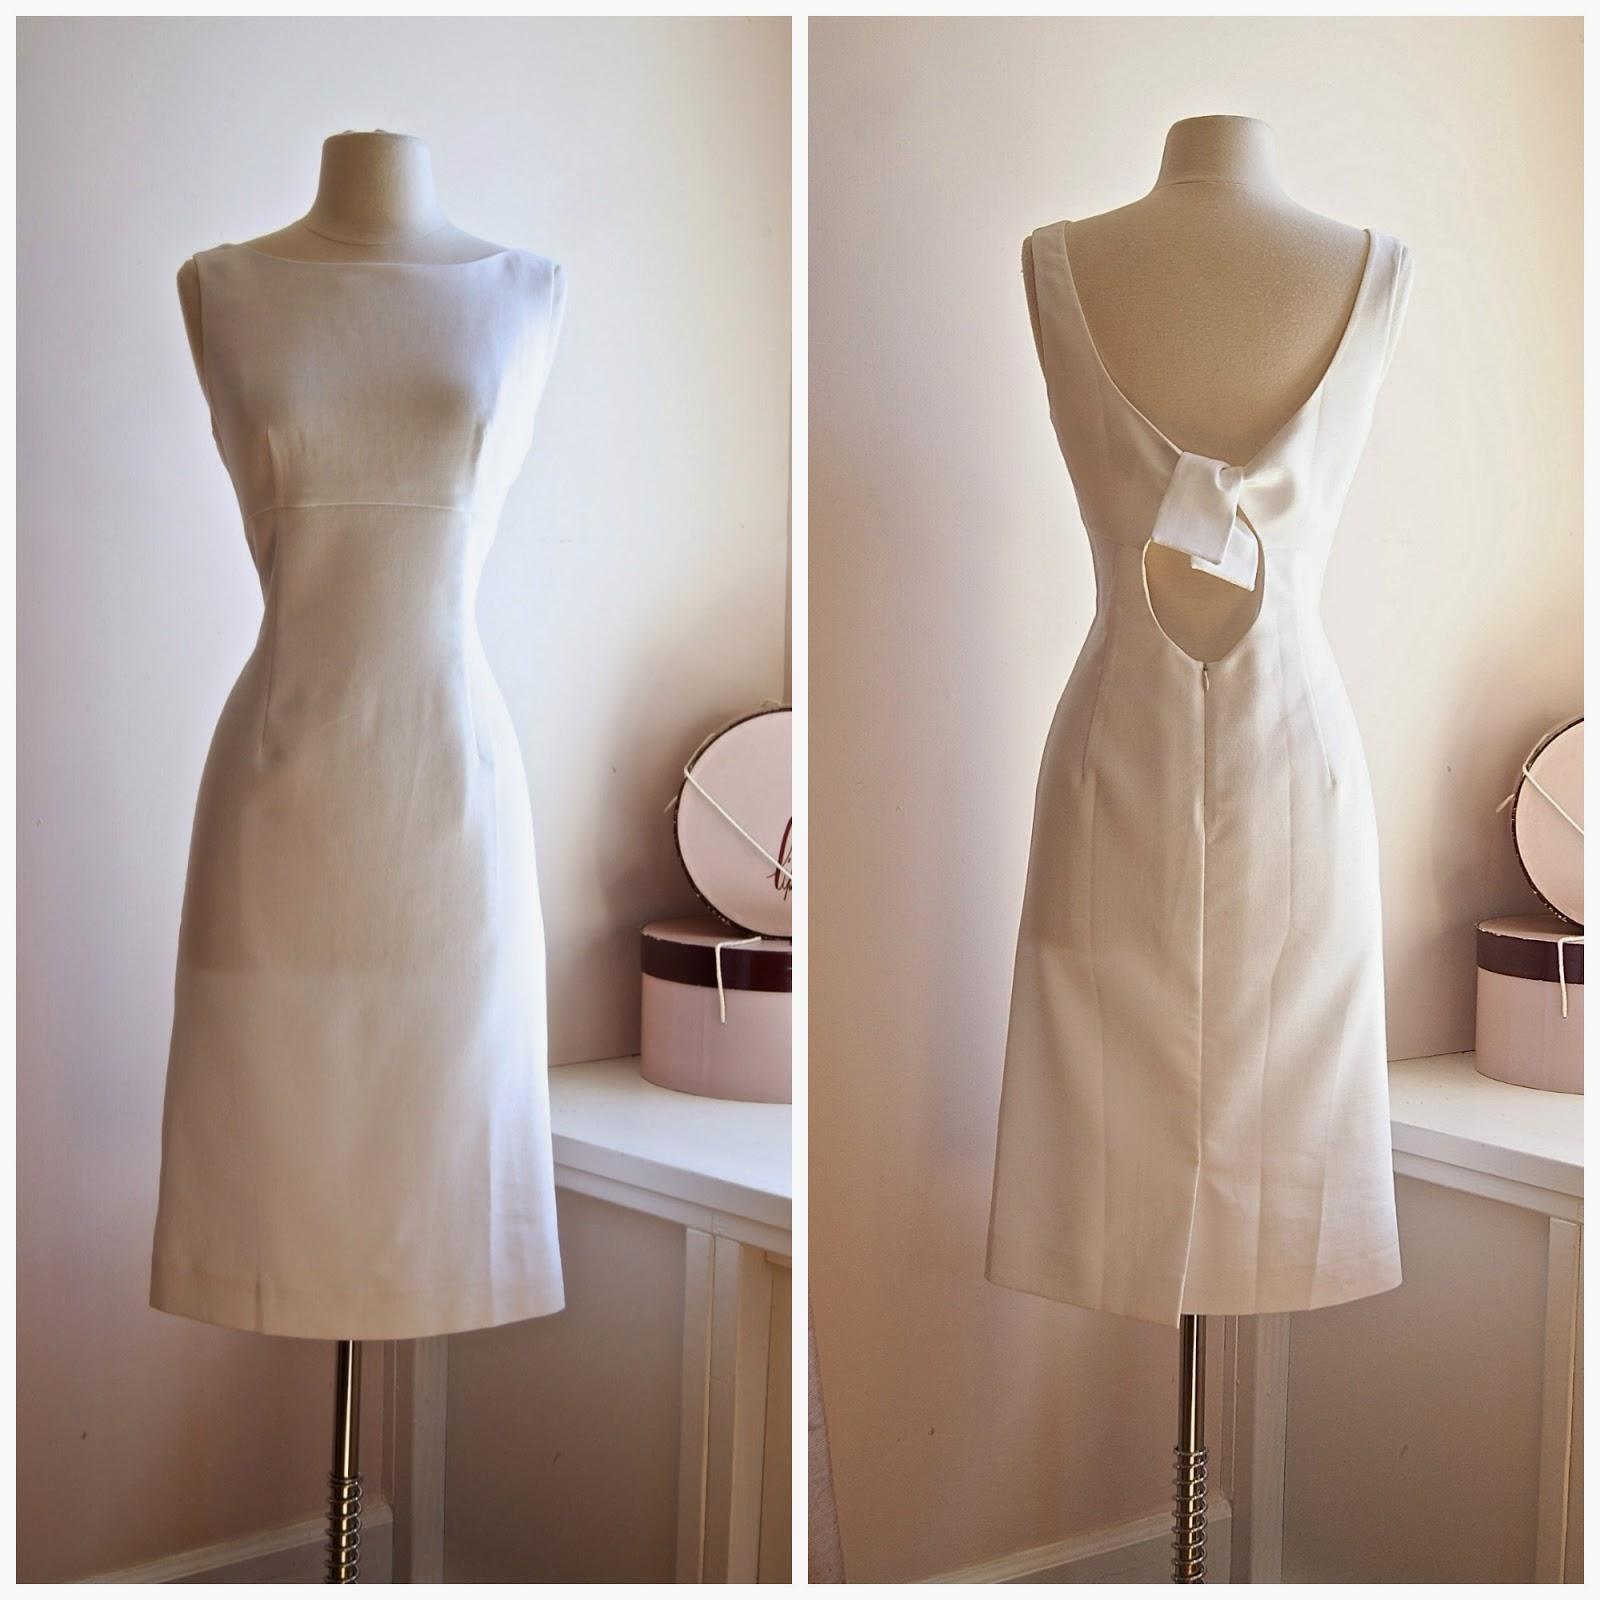 Xtabay Vintage Clothing Boutique - Portland, Oregon: Fashion Crush ...